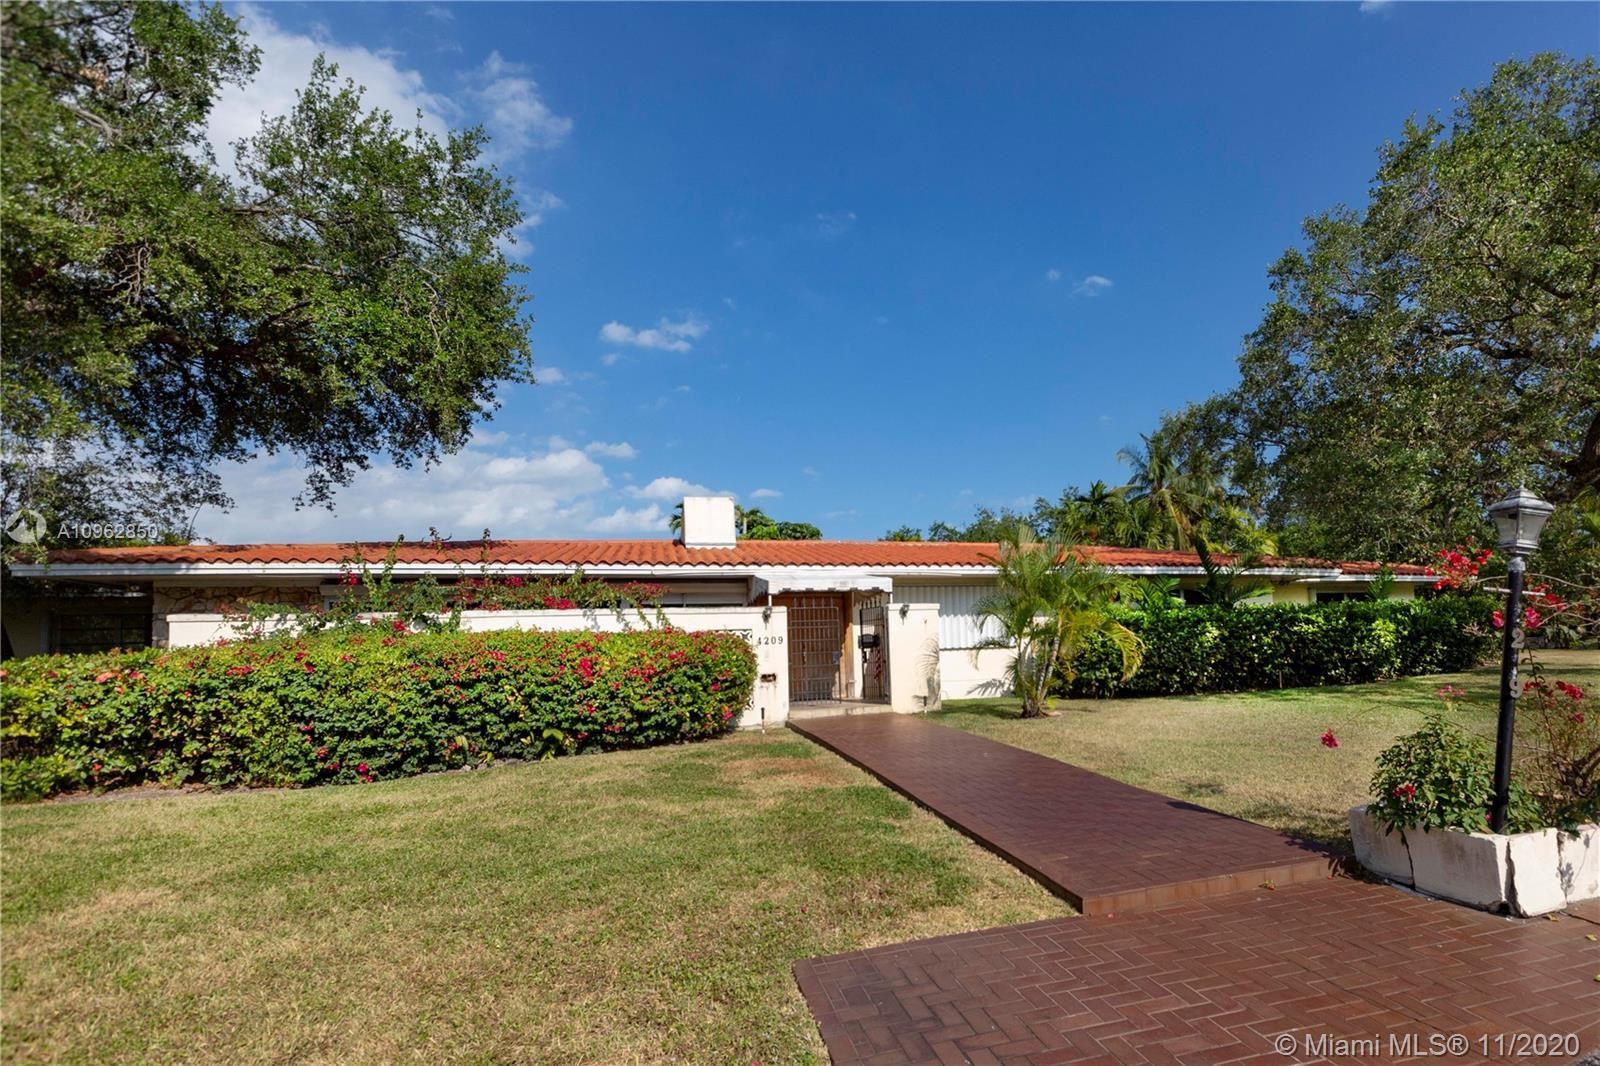 4209 Granada Blvd, Coral Gables, FL 33146 - #: A10962850